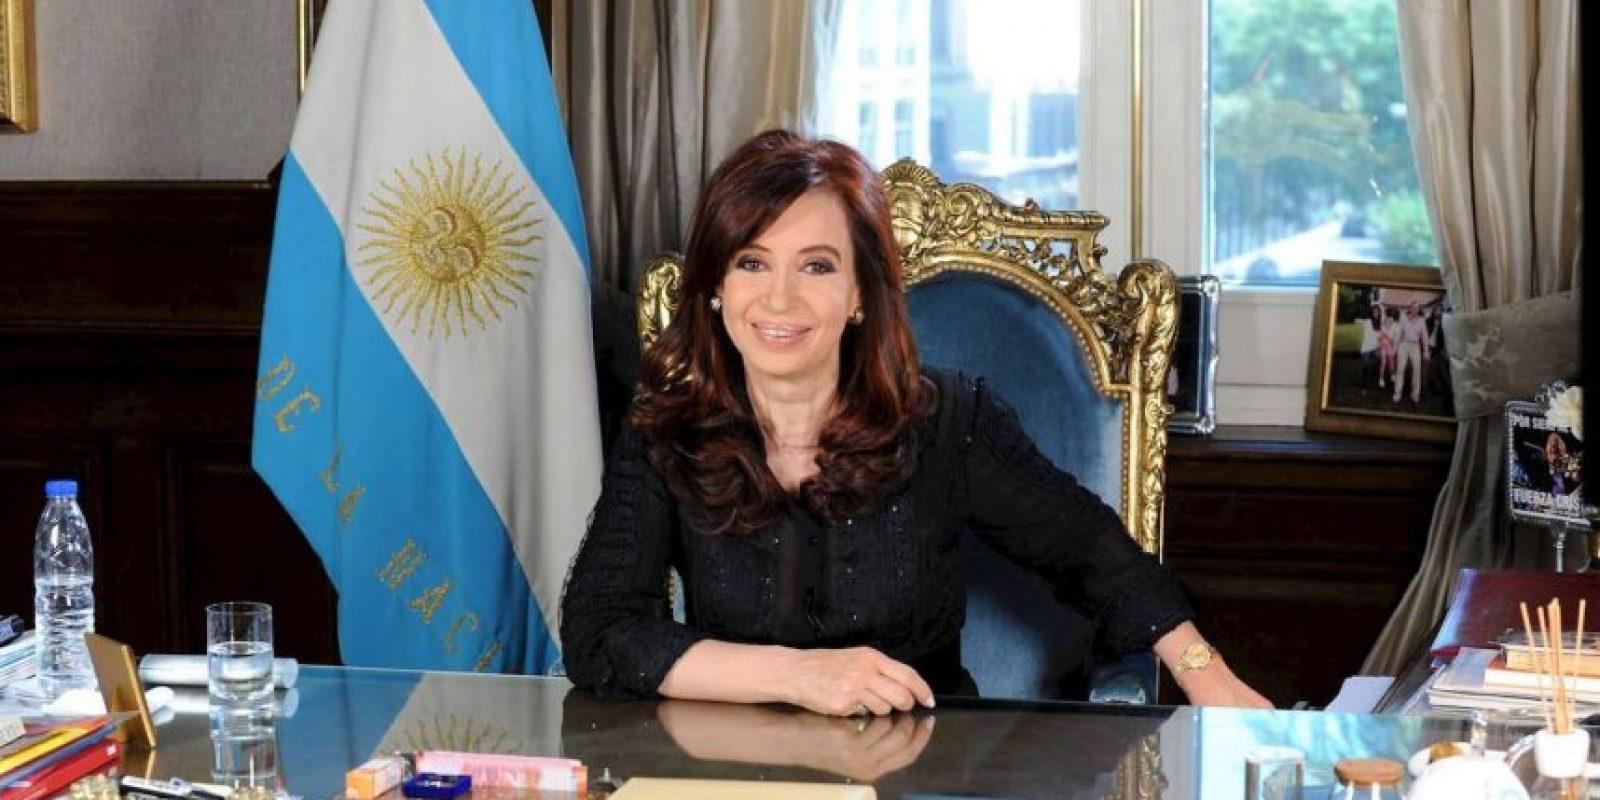 Los interrogantes que se convierten en certeza. El suicidio (que estoy convencida) no fue suicidio. Foto:Facebook: Cristina Fernández de Kirchner